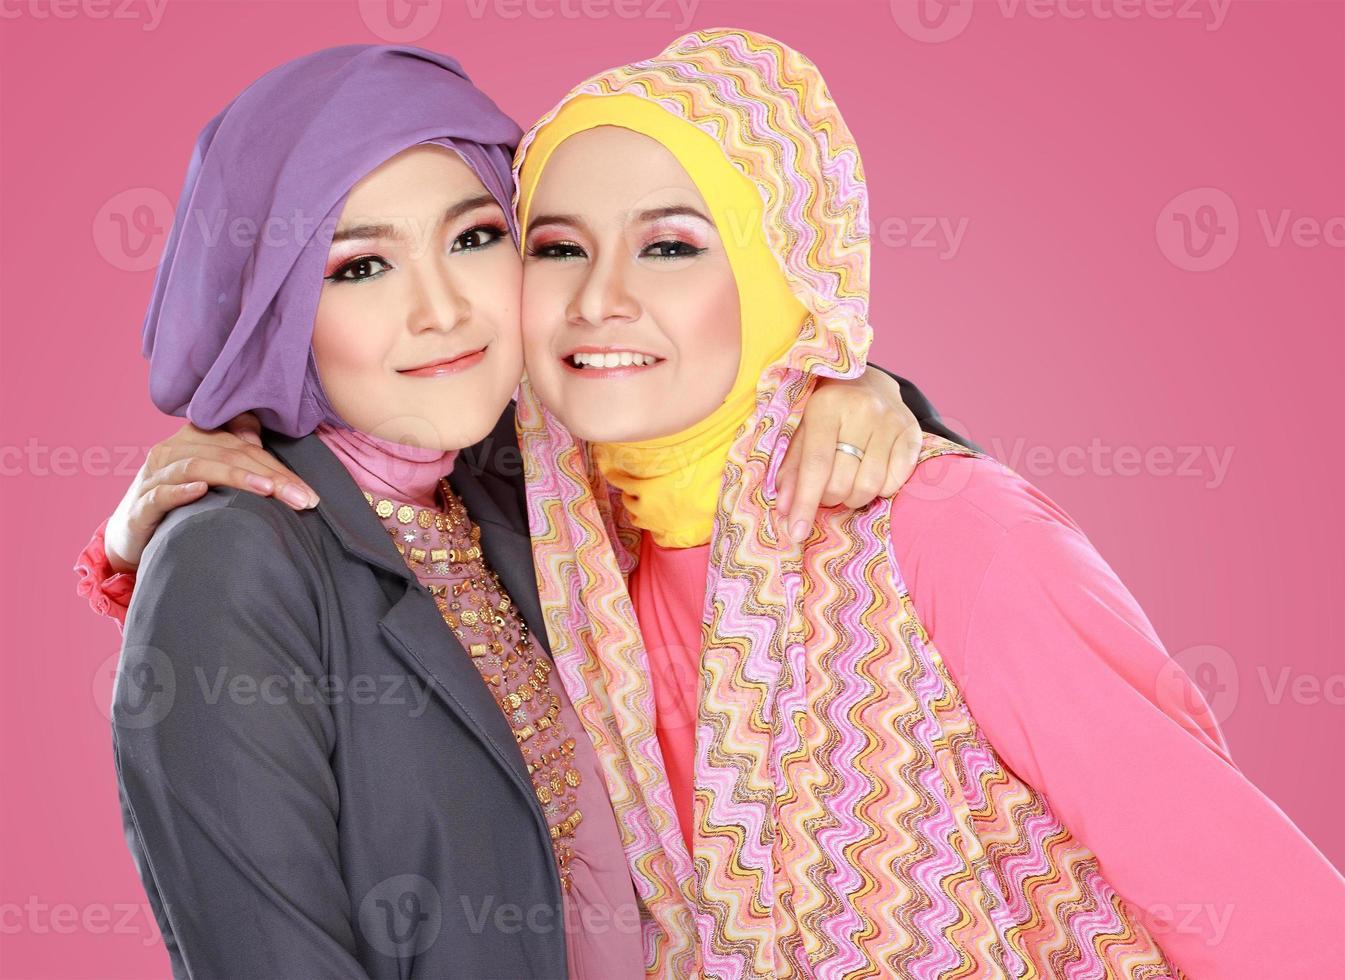 två vackra muslimska kvinnor som har kul tillsammans foto